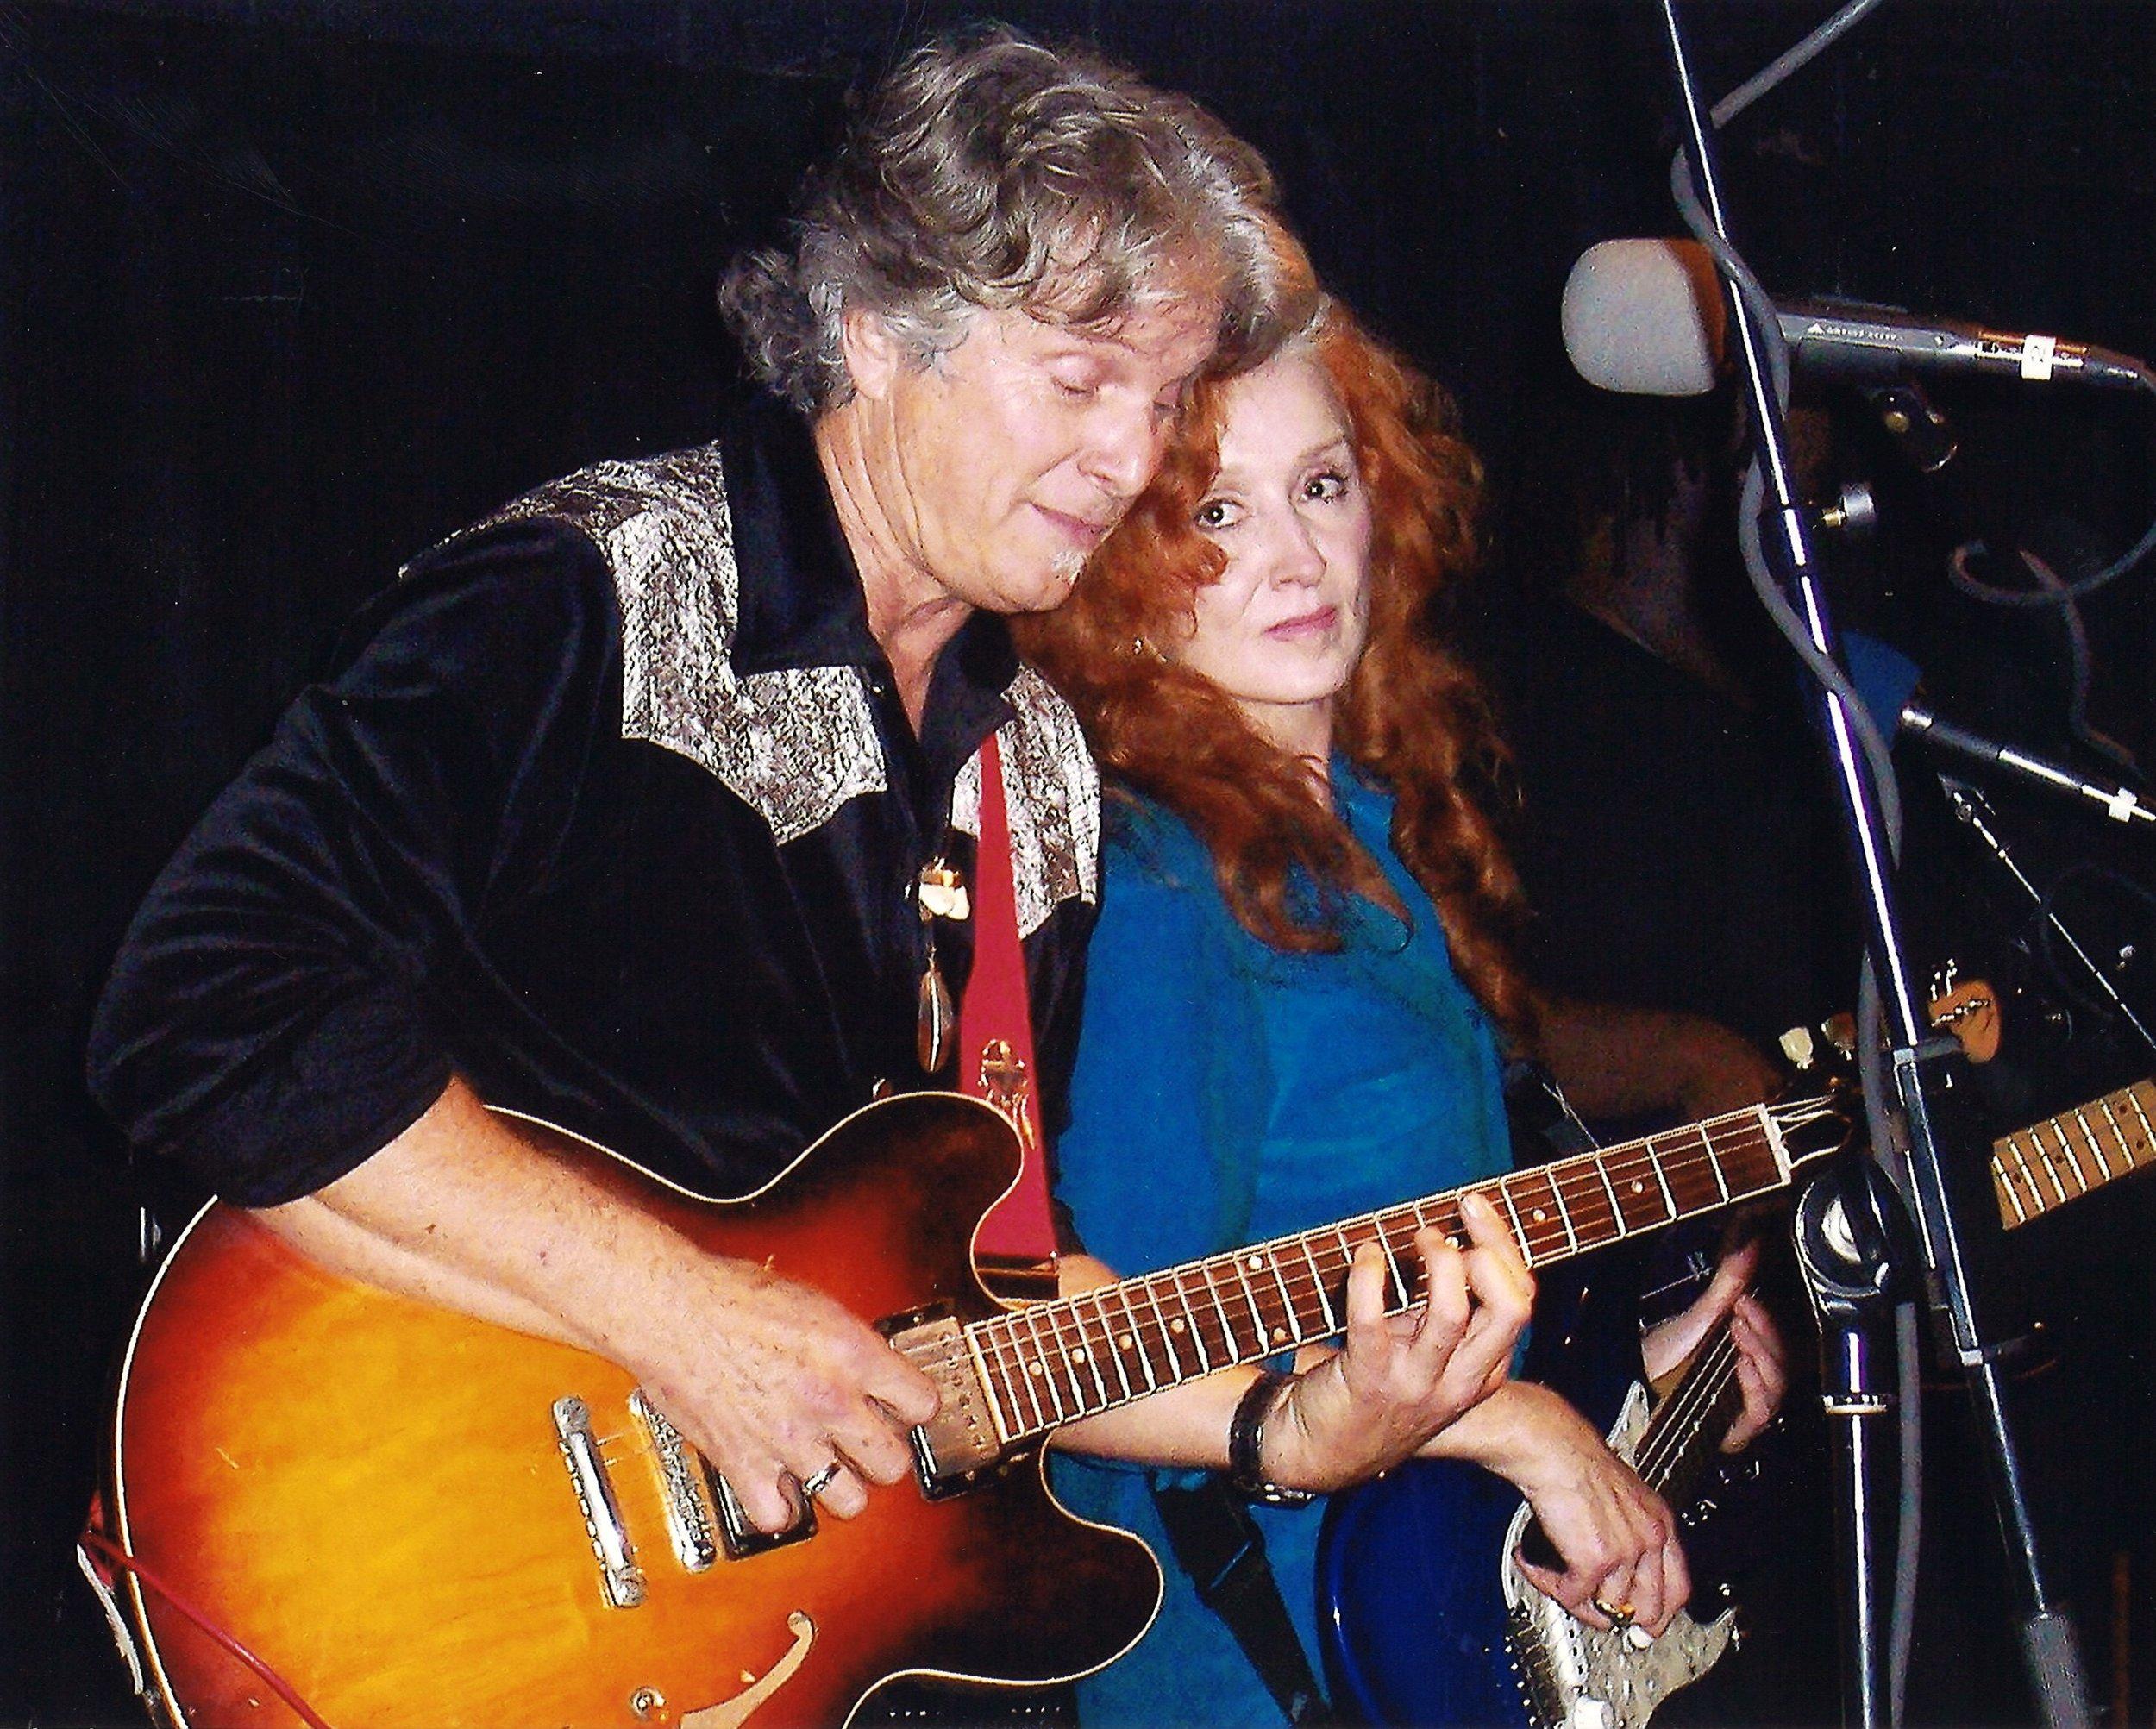 Stephen and Bonnie Raitt Working Their Musical Magic.